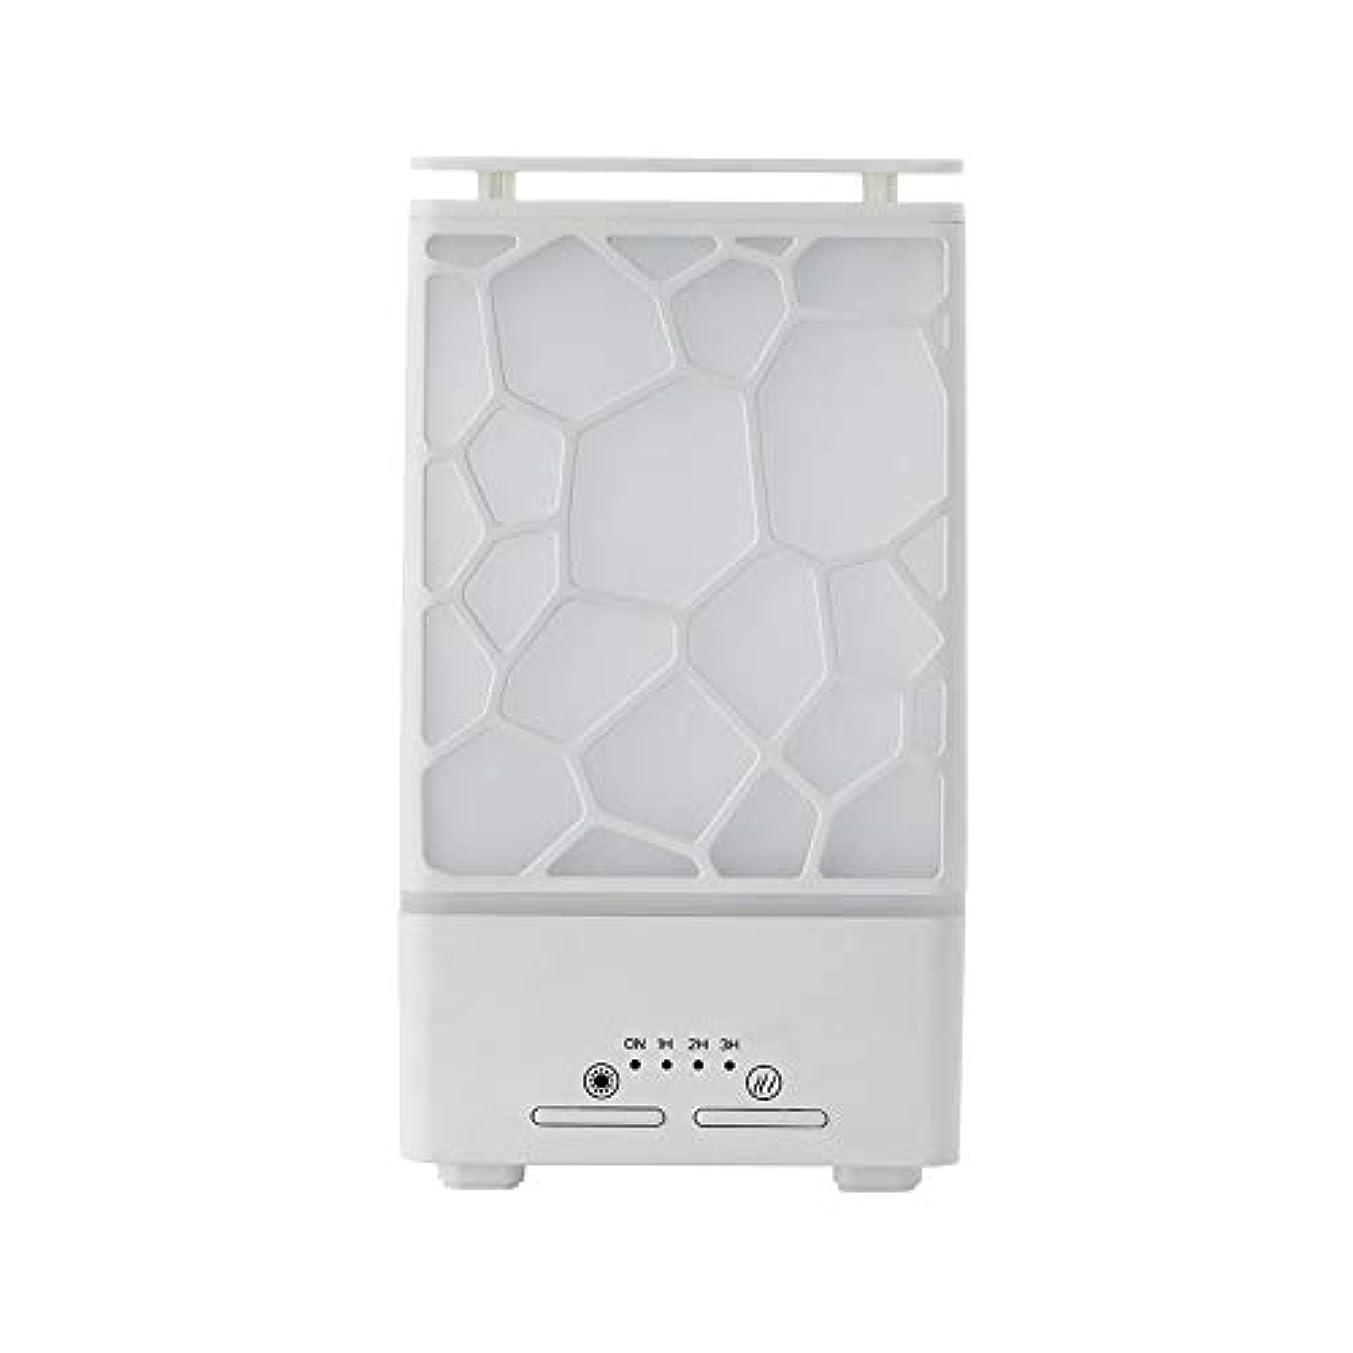 望みテンション分析的yanQxIzbiu Essential Oil Diffuser Geometric Plaid Aroma Essential Oil Diffuser Home Office LED Lights Humidifier...